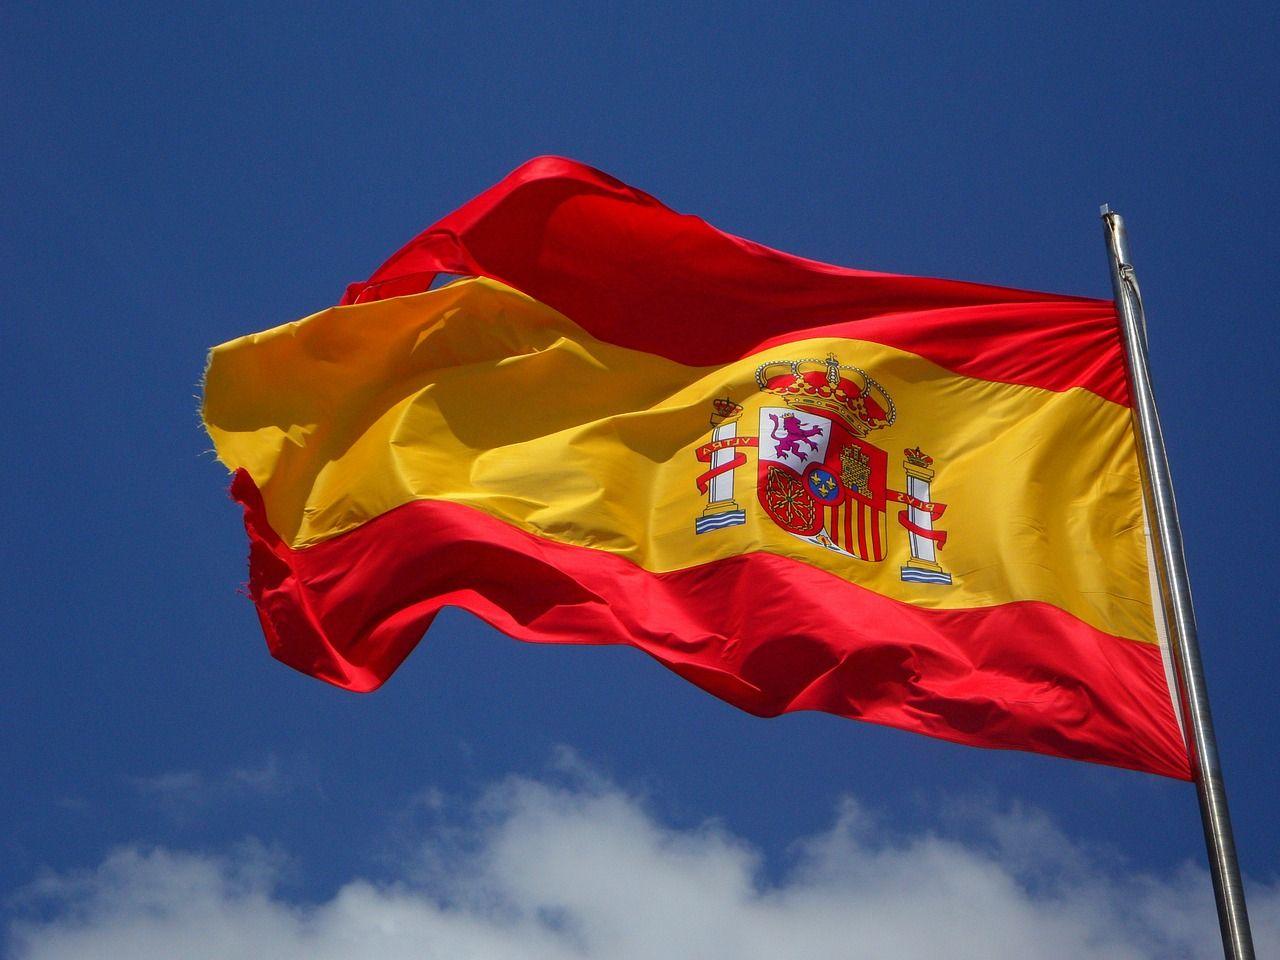 Spain 379535 1280